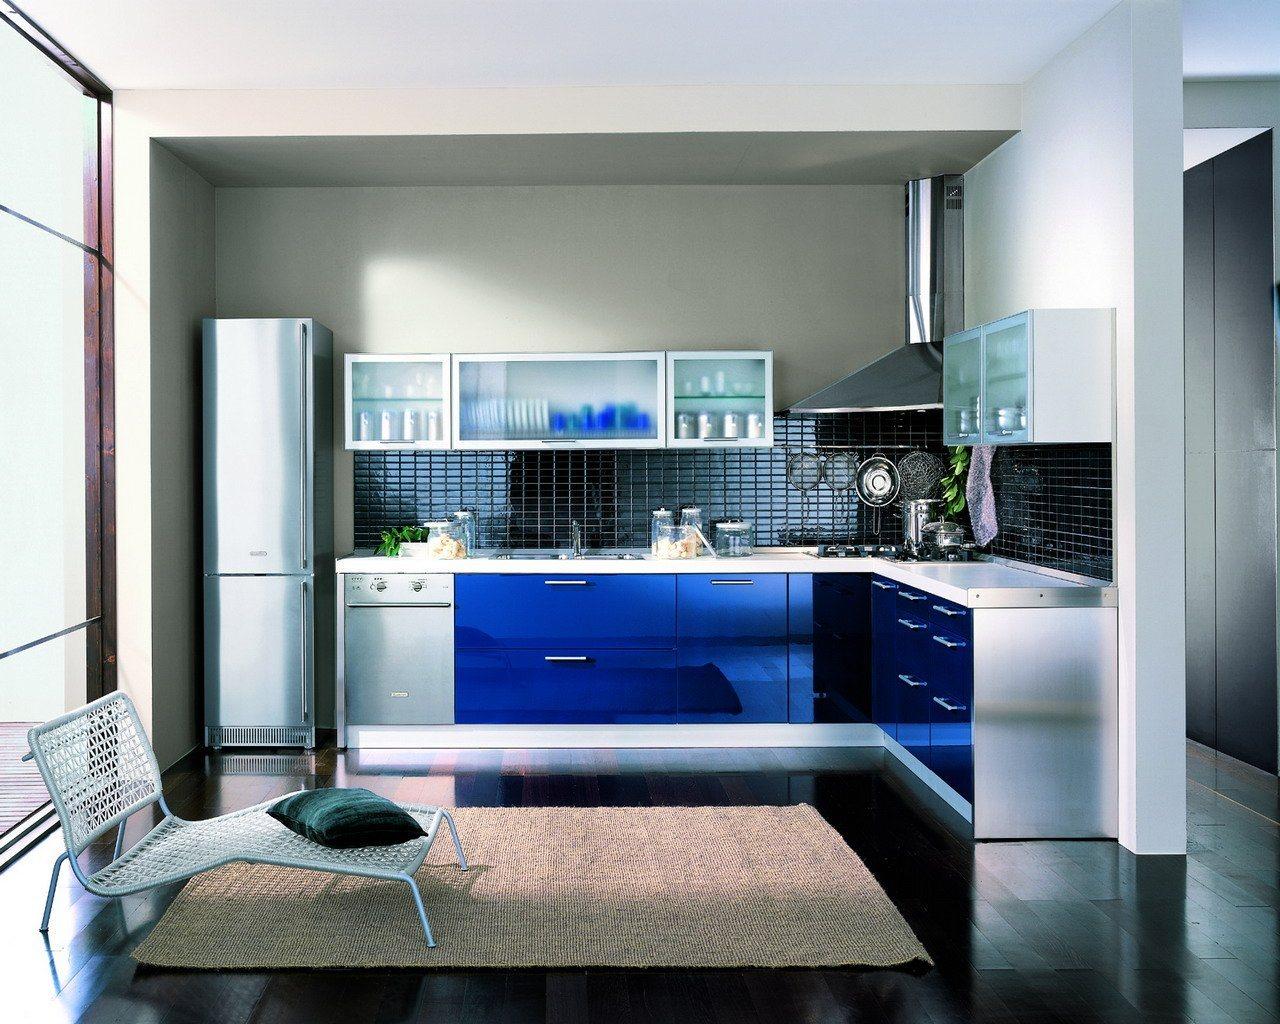 Decorar com azuldeixa o ambiente elegante e acolhedor. Segundo a  #153479 1280x1024 Banheiro Com Decoração Azul